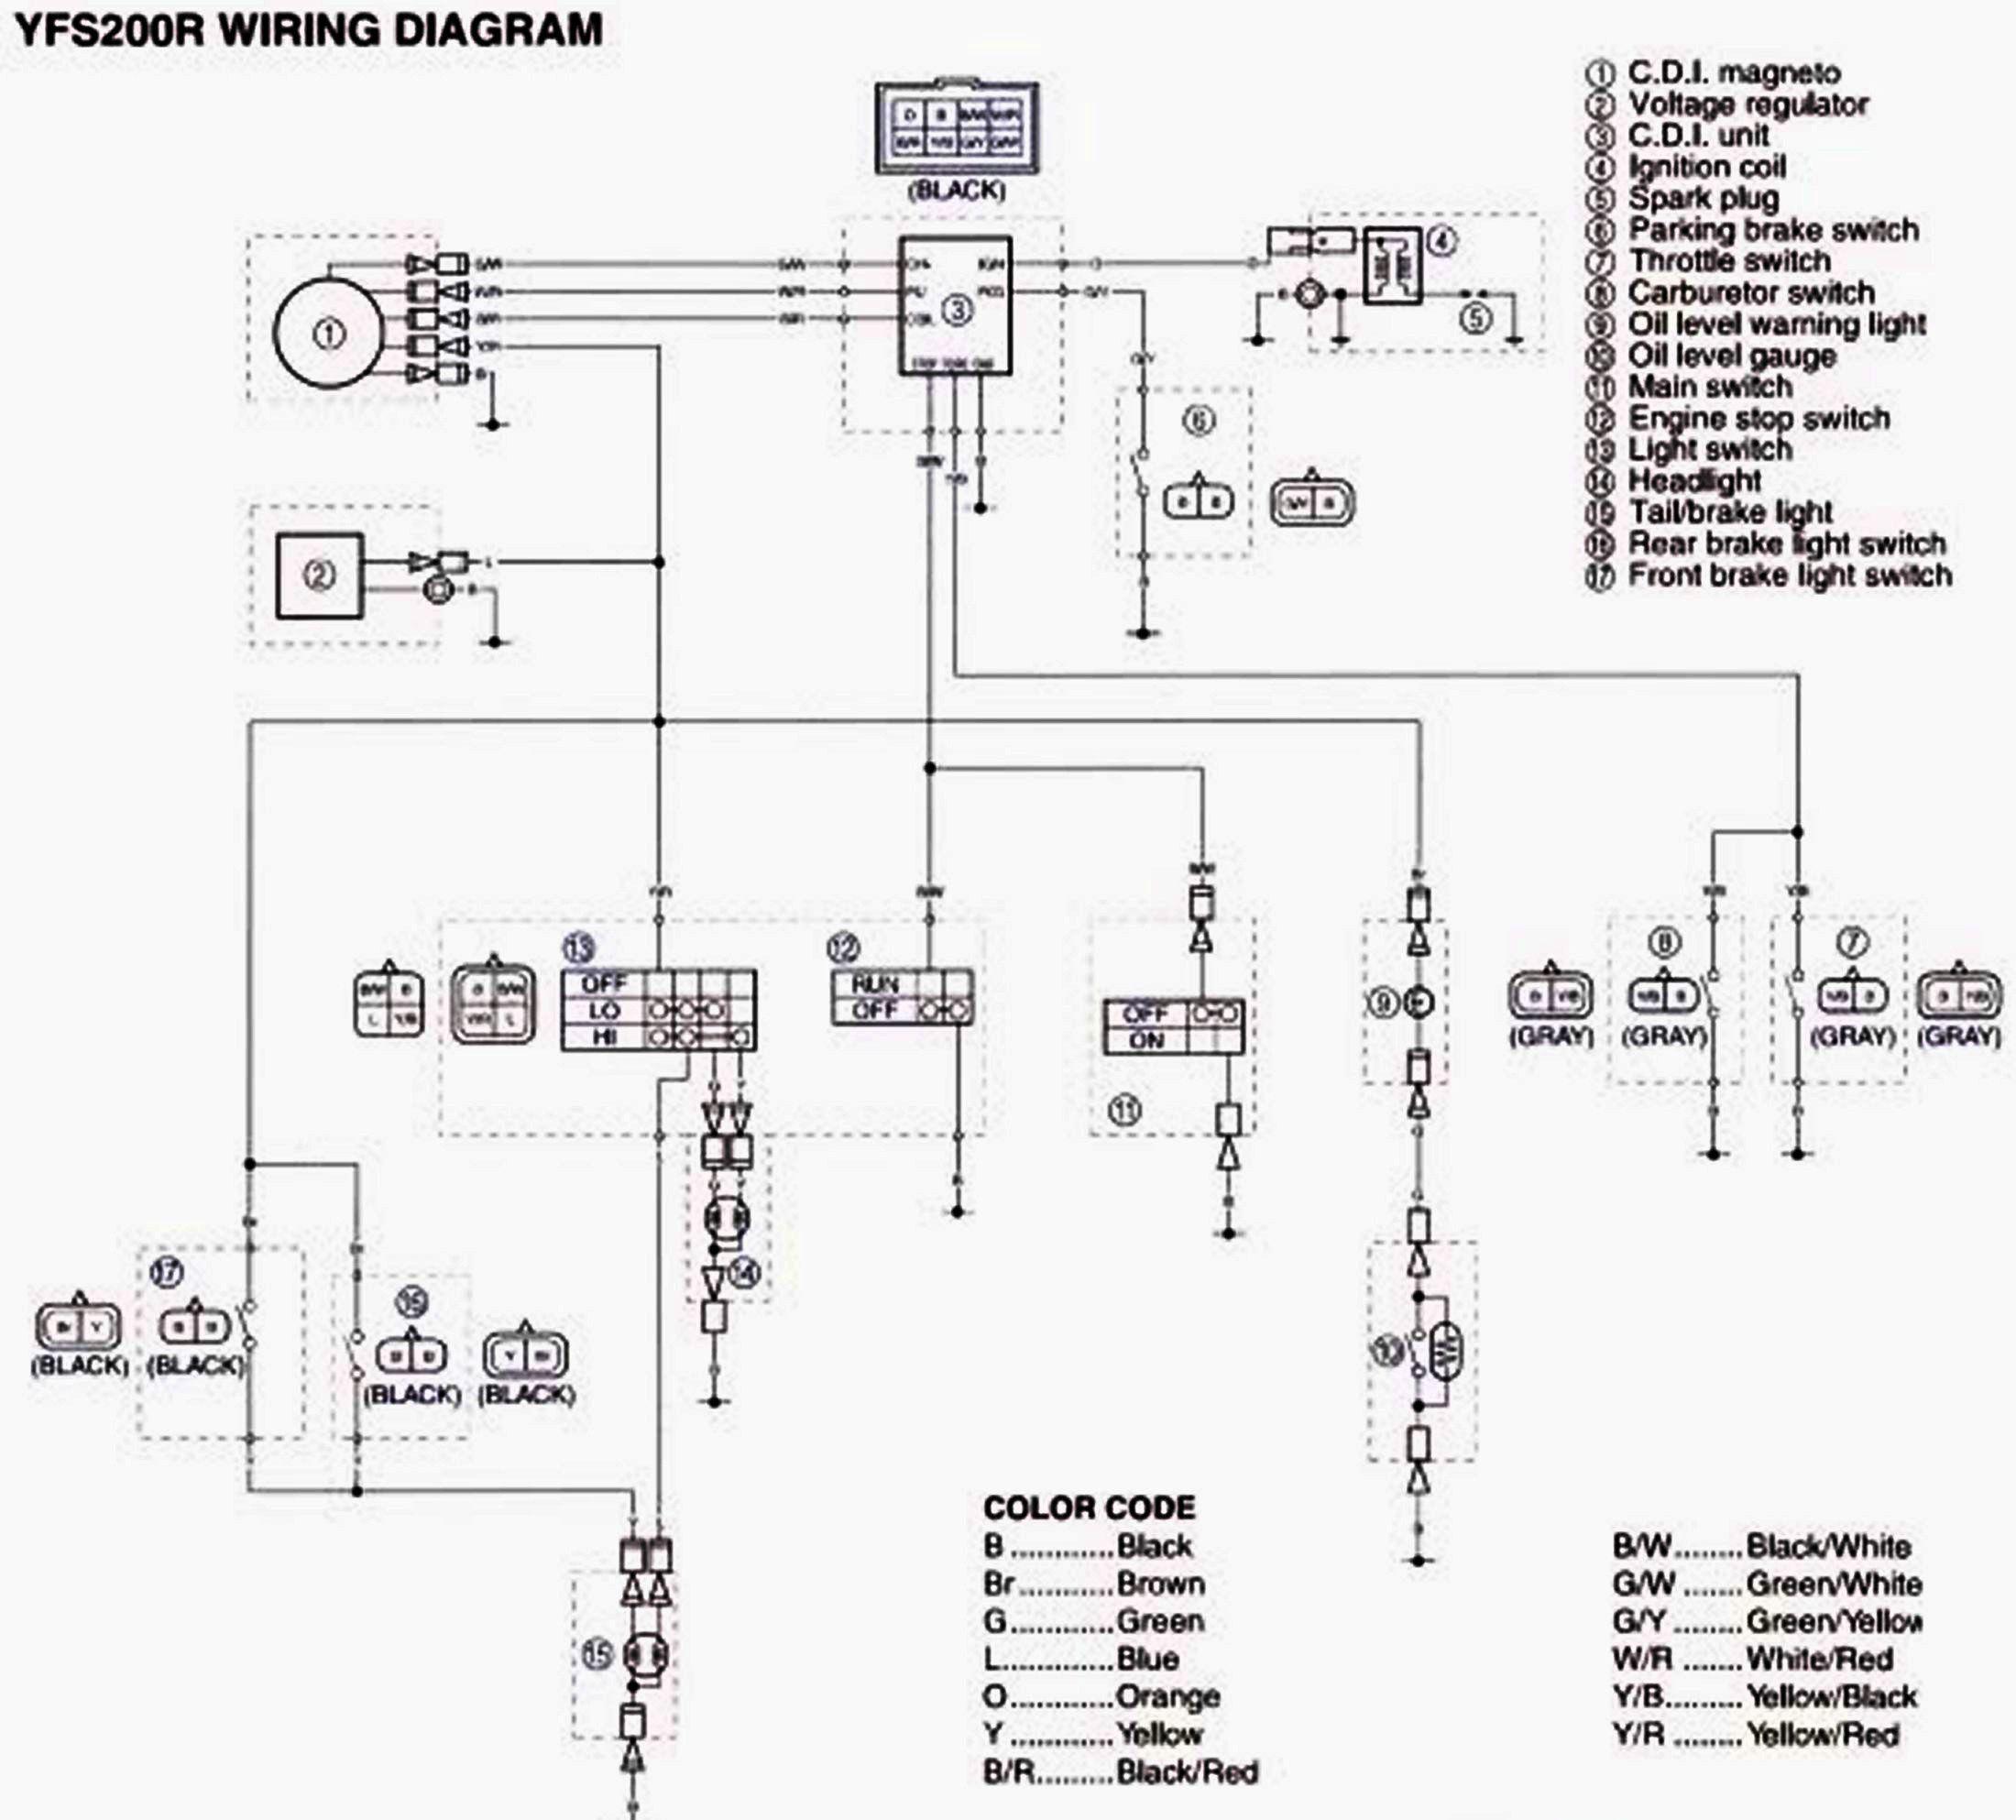 2006 Yamaha Wiring Diagram - Wiring Diagram • on yamaha big bear 350 wiring diagram, yamaha raptor 700 serial number, yamaha raptor 700 ignition coil, yamaha fz8 wiring diagram, yamaha wolverine wiring diagram, yamaha bruin 250 wiring diagram, yamaha big bear 400 wiring diagram, yamaha kodiak 450 wiring diagram, yamaha fz6r wiring diagram, yamaha raptor 700 parts, yamaha dirt bike wiring diagram, yamaha rectifier regulator wiring diagram, yamaha raptor 700 oil type, yamaha raptor 700 shock absorber, yamaha grizzly wiring diagram, yamaha banshee wiring diagram, yamaha rhino wiring diagram, yamaha raptor 700 suspension, yamaha raptor 700 battery, yamaha virago 750 wiring diagram,